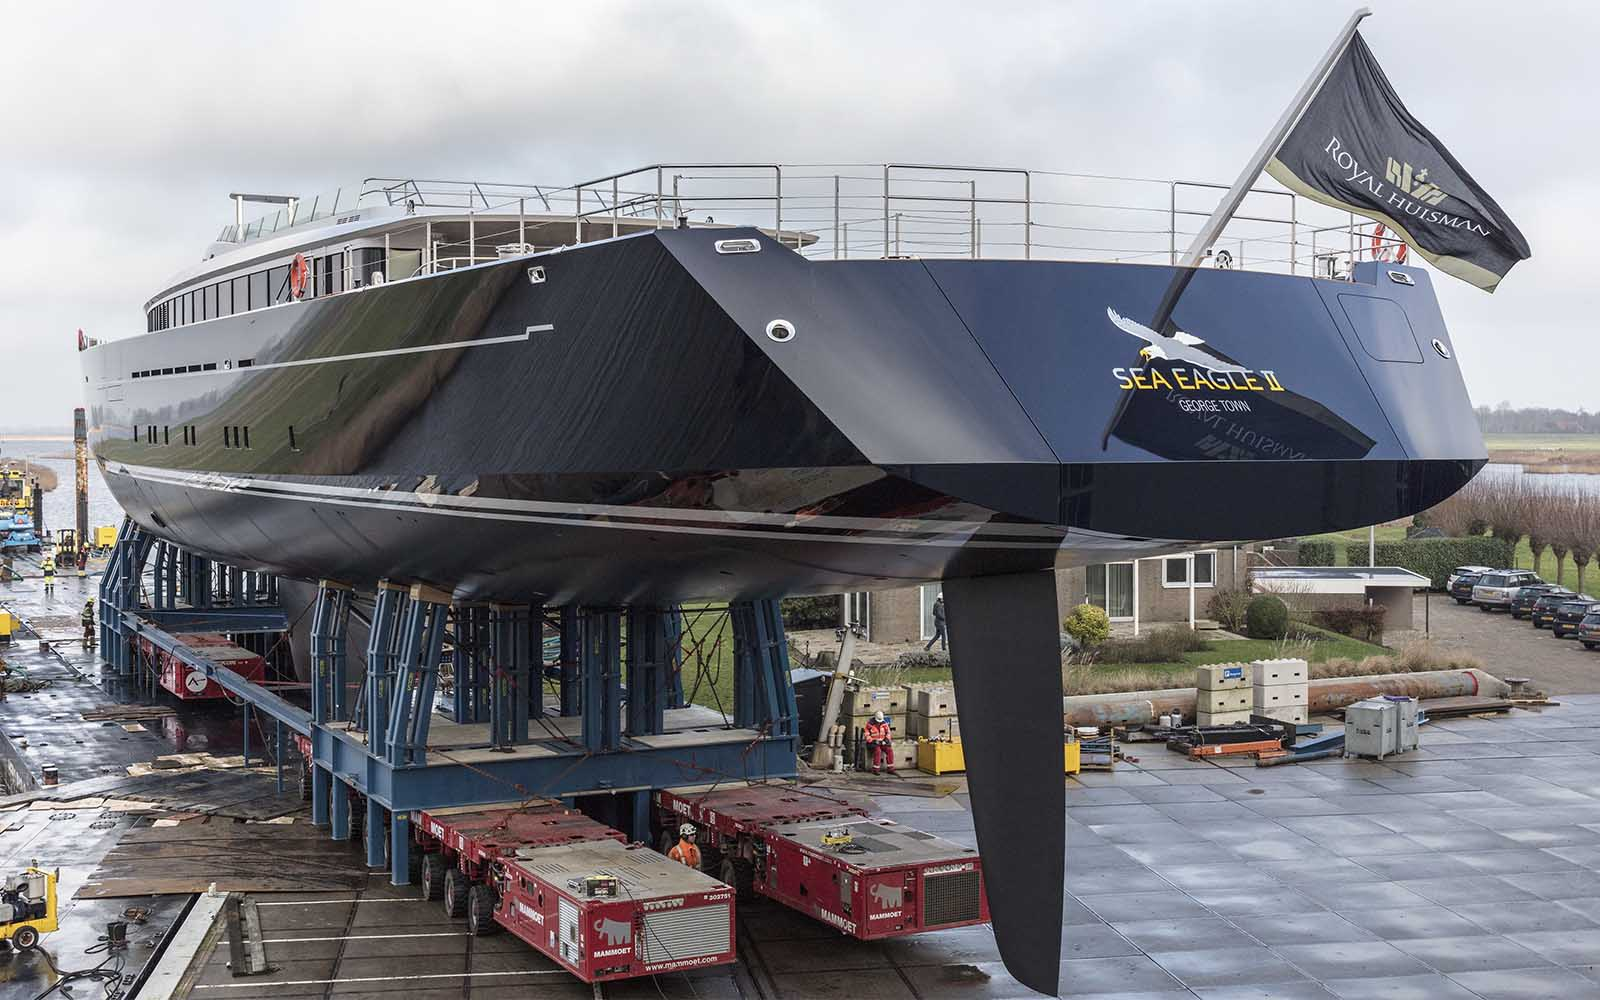 royal huisman flagship sea eagle ii - boat shopping